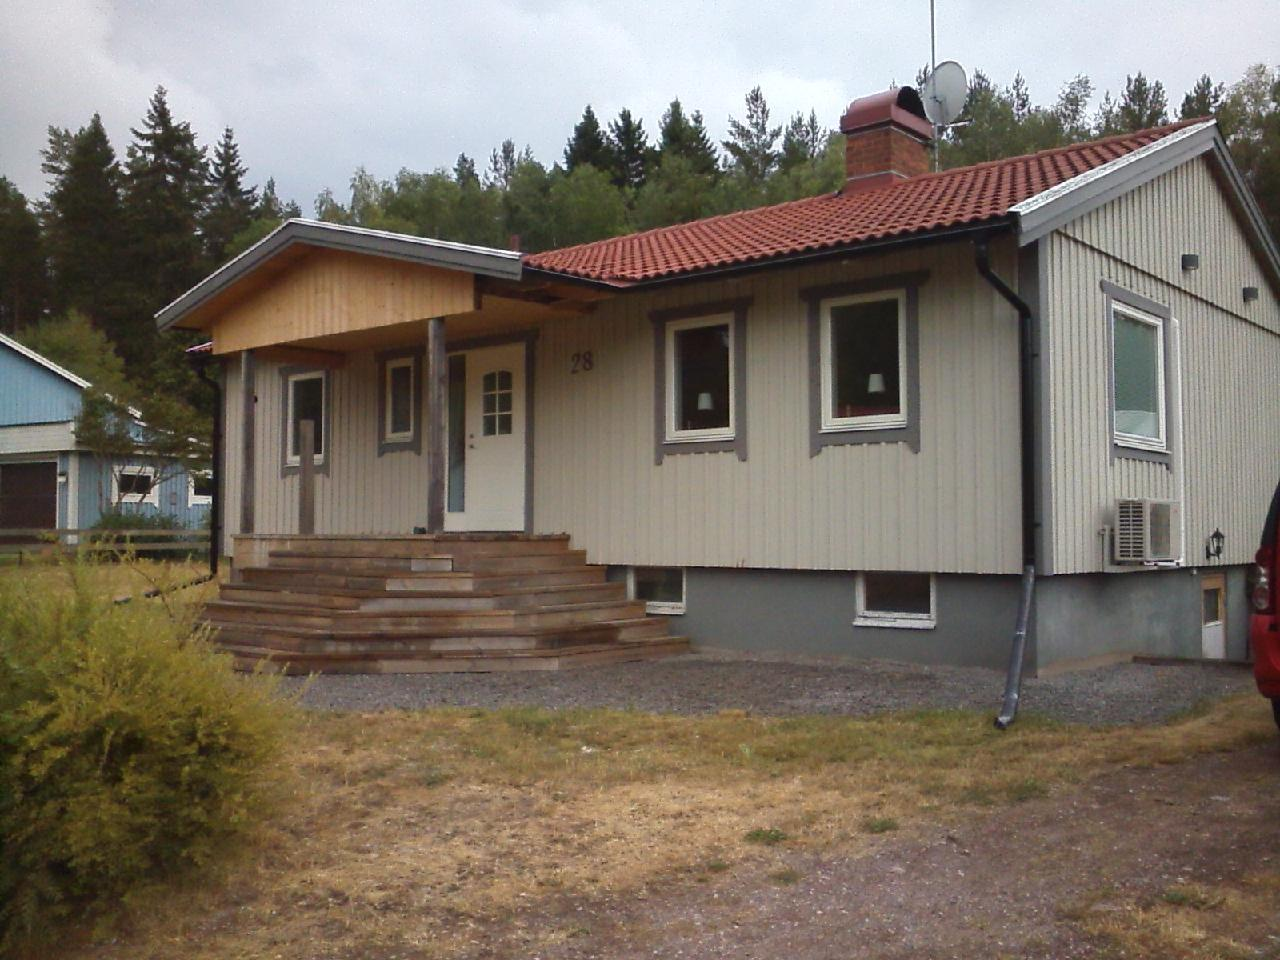 Neu renoviertes und eingerichtetes Ferienhaus in s  in Schweden